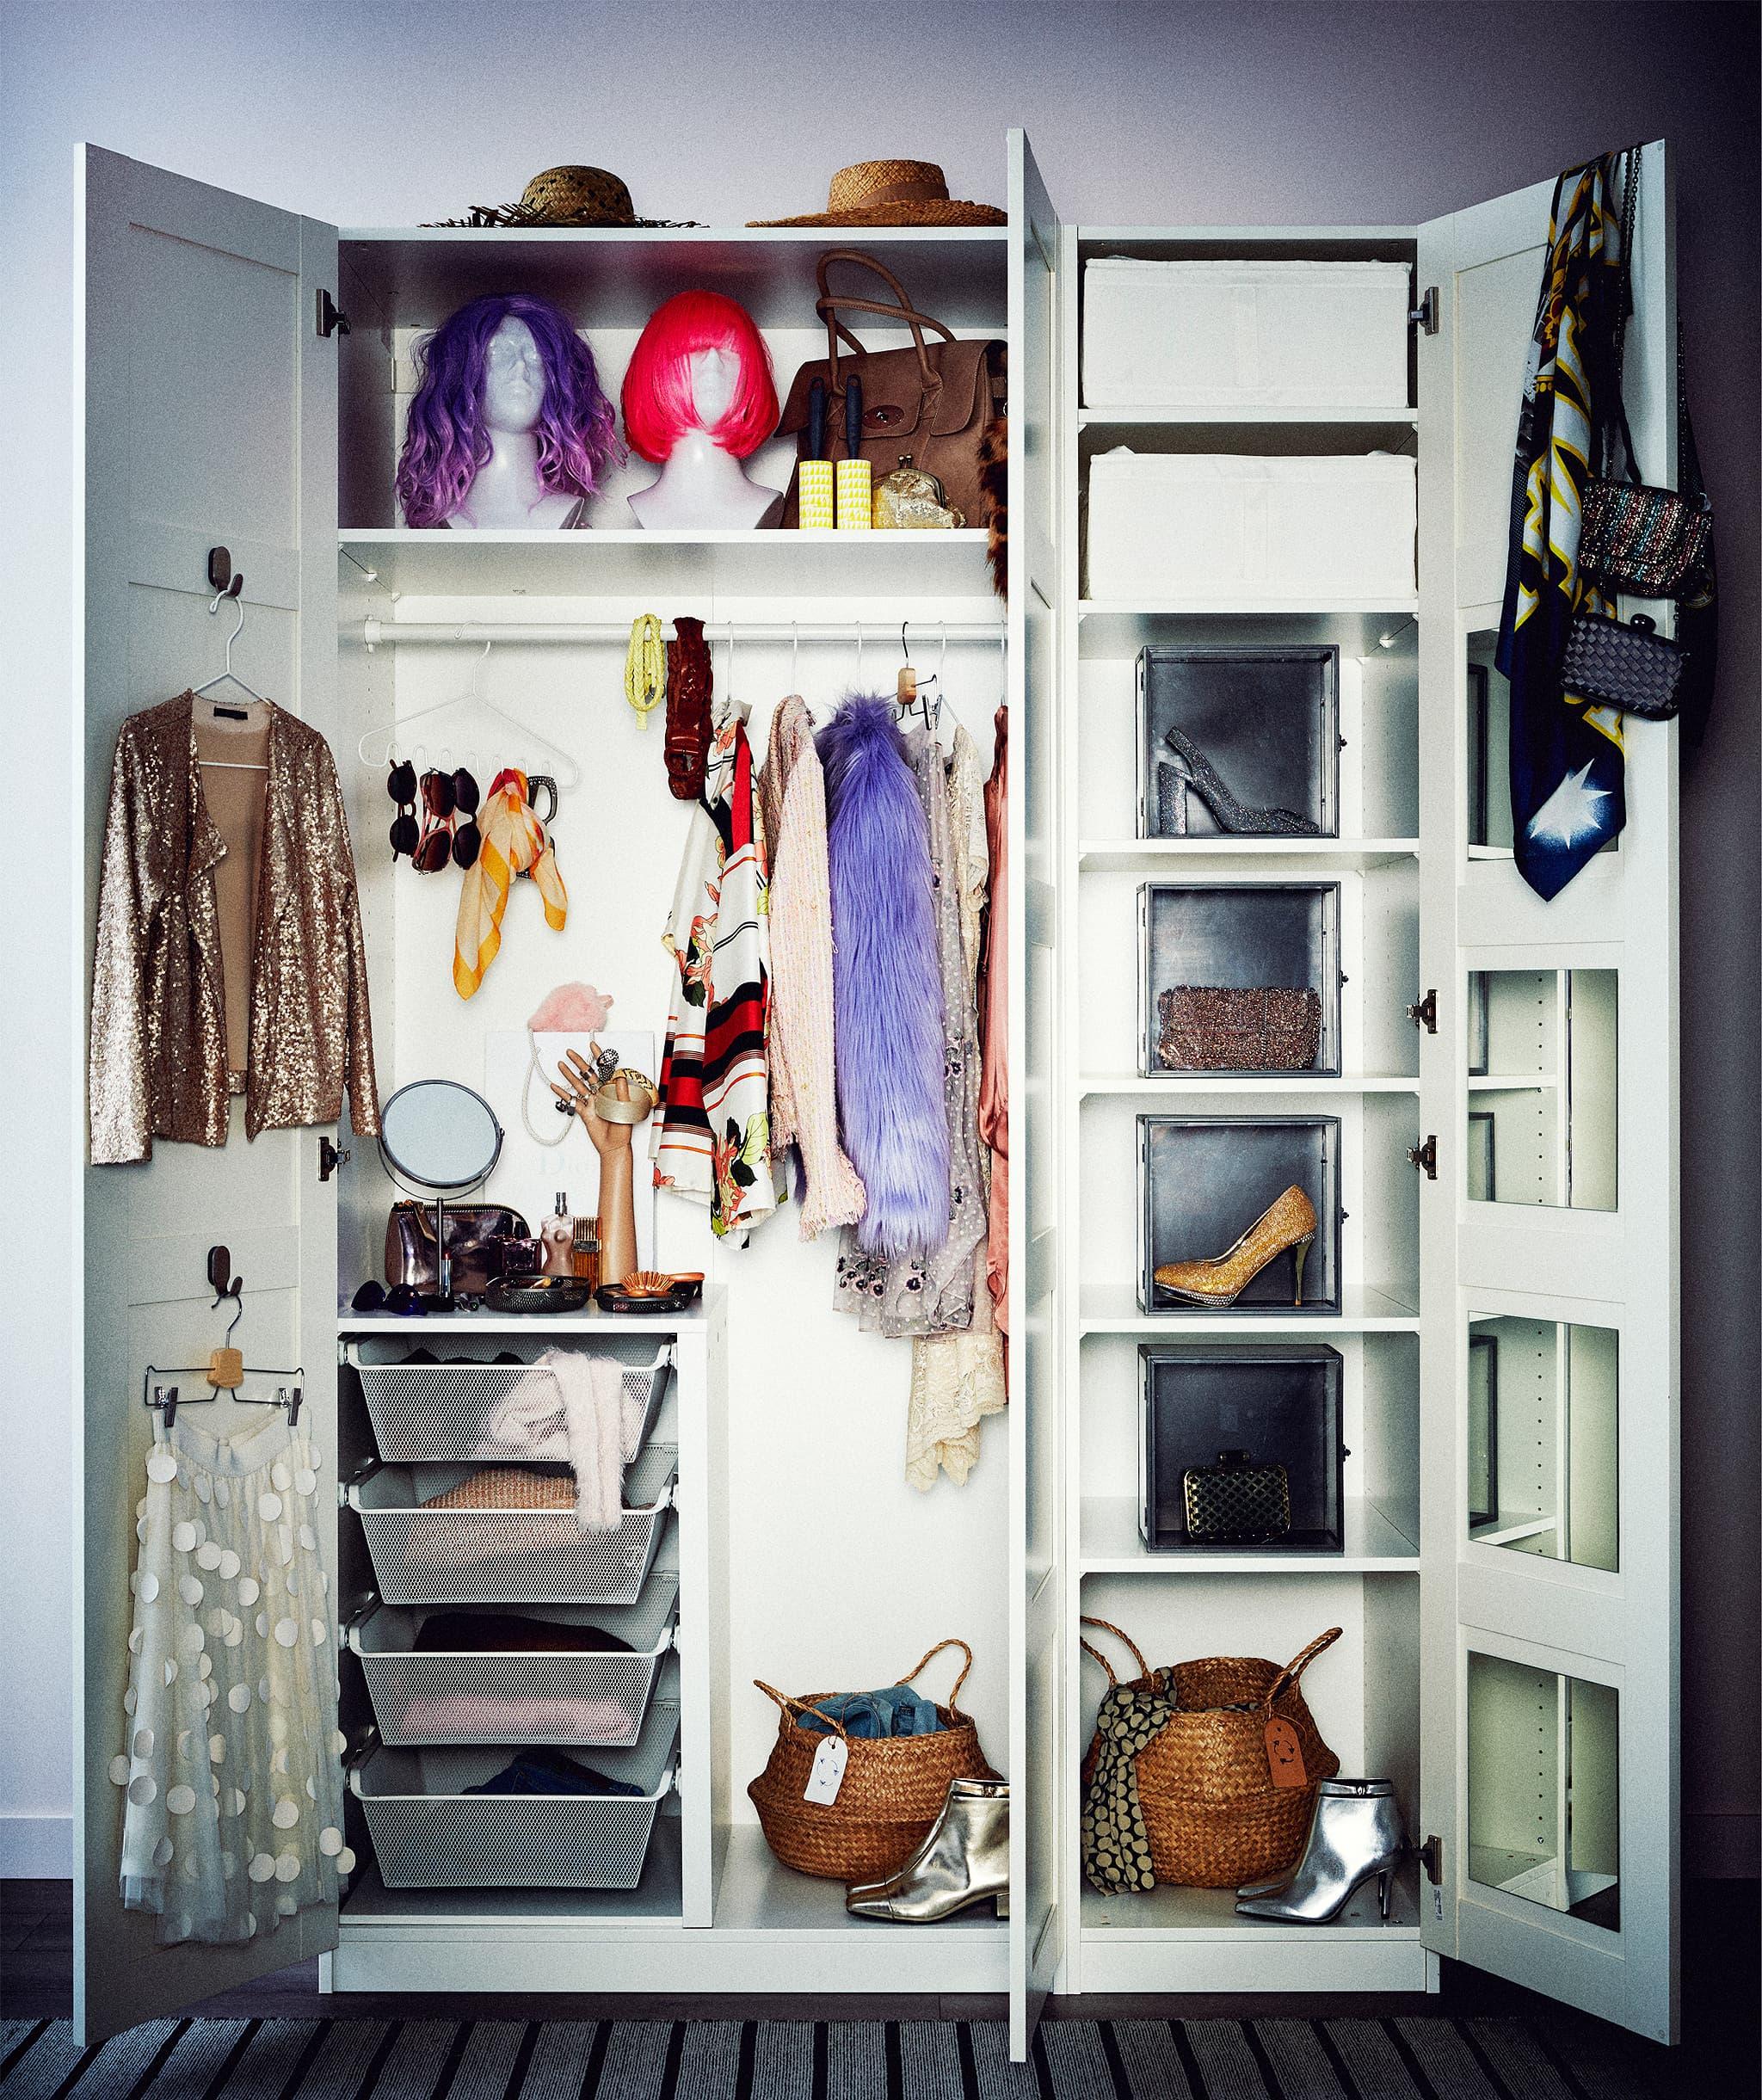 Gabungan lemari dua pintu dan satu pintu, pintu terbuka untuk menampilkan pakaian di dalamnya; dan berbagai penyimpanan.